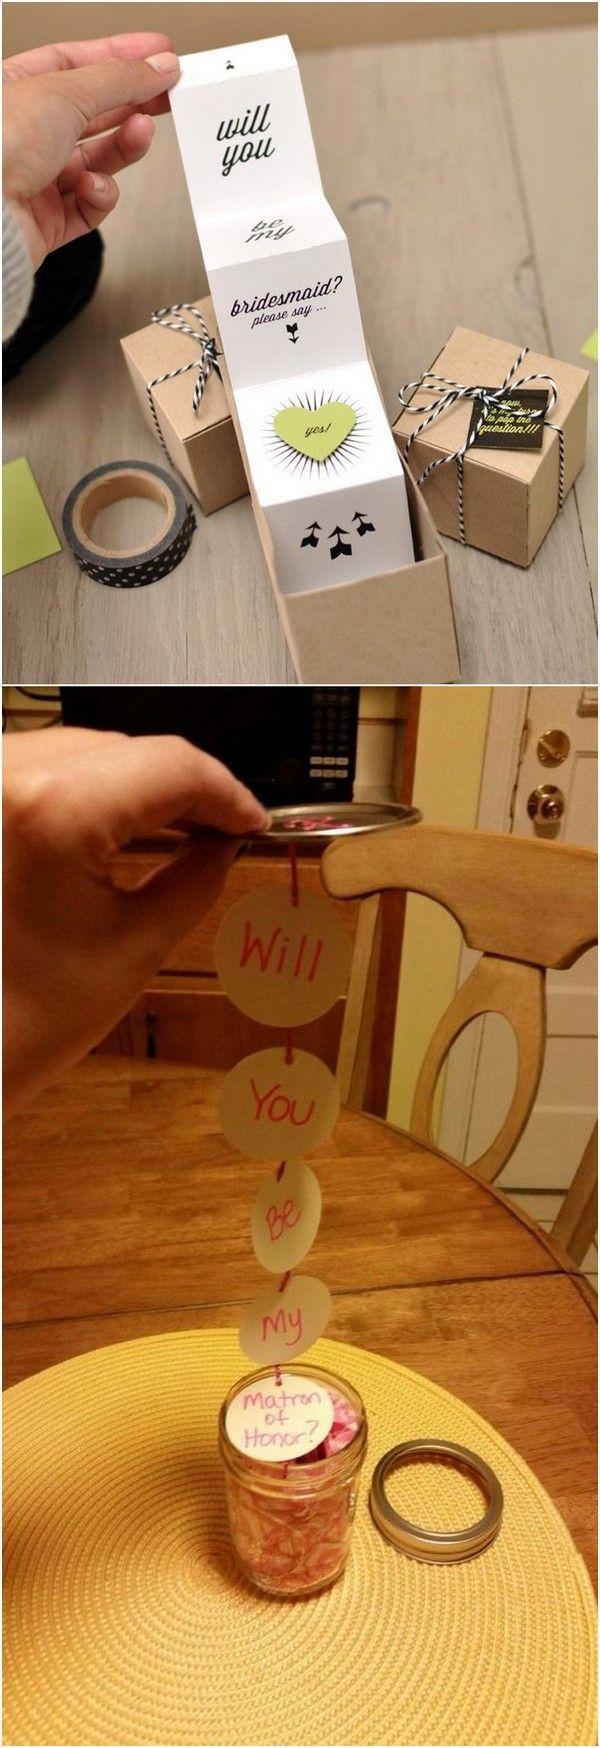 fun bridesmaid gift ideas